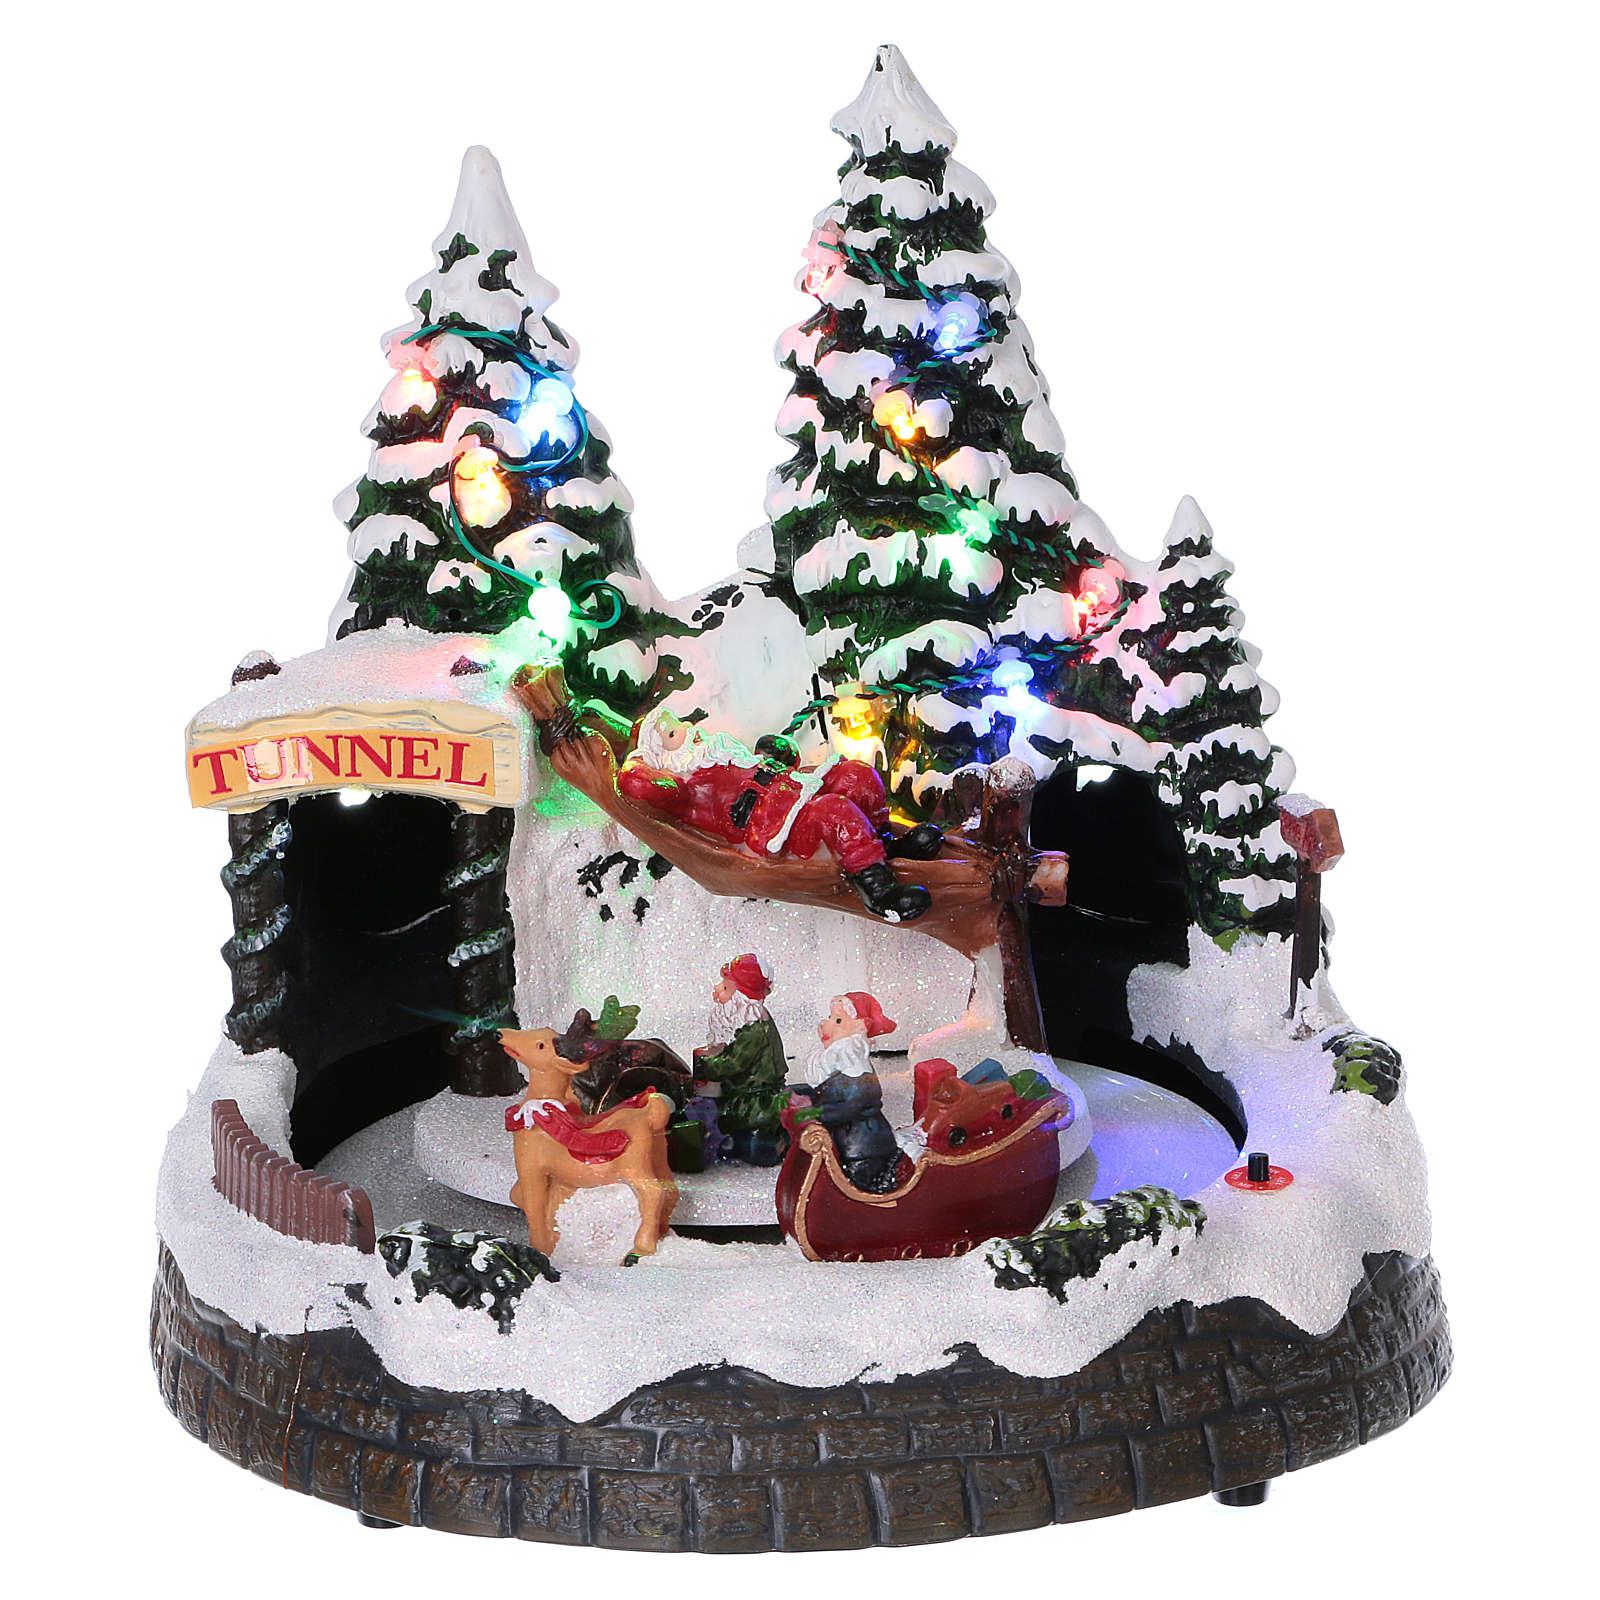 Immagini Natale Movimento.Villaggio Natalizio Treno Movimento Tunnel Babbo Natale Amaca 20x20x20 Batteria Corrente